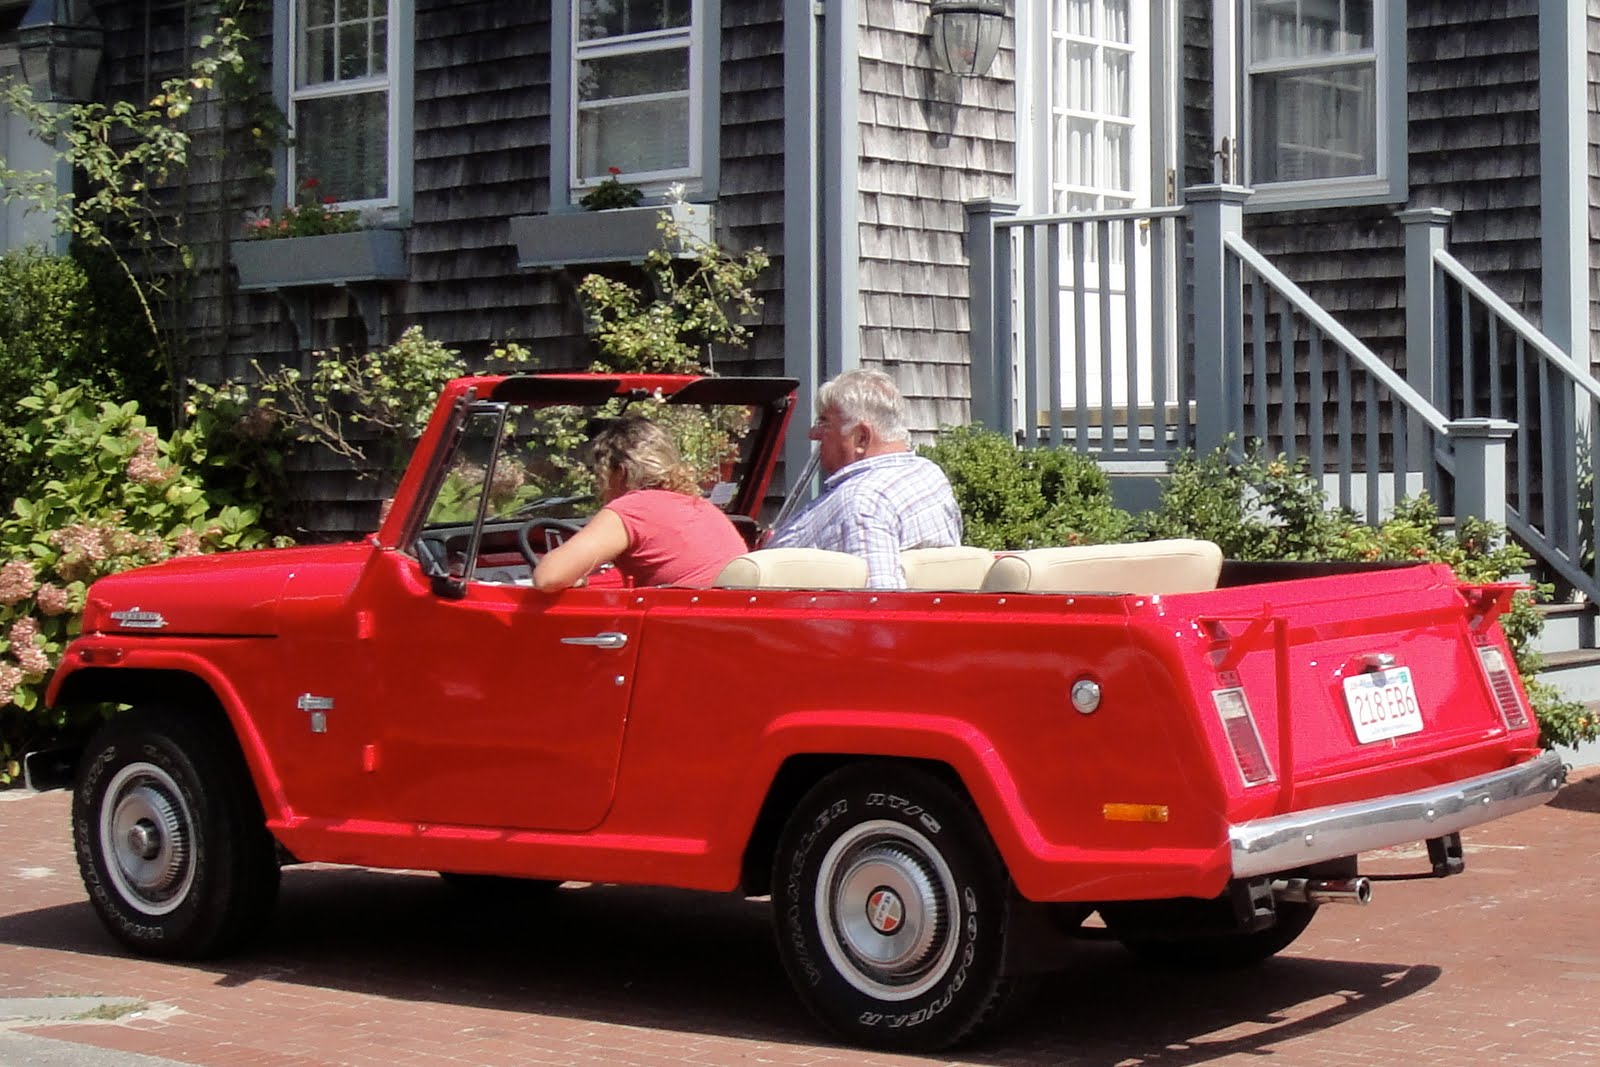 Preppy Cars: Preppy Handbook Take Notice: The Nantucket Beach Cars